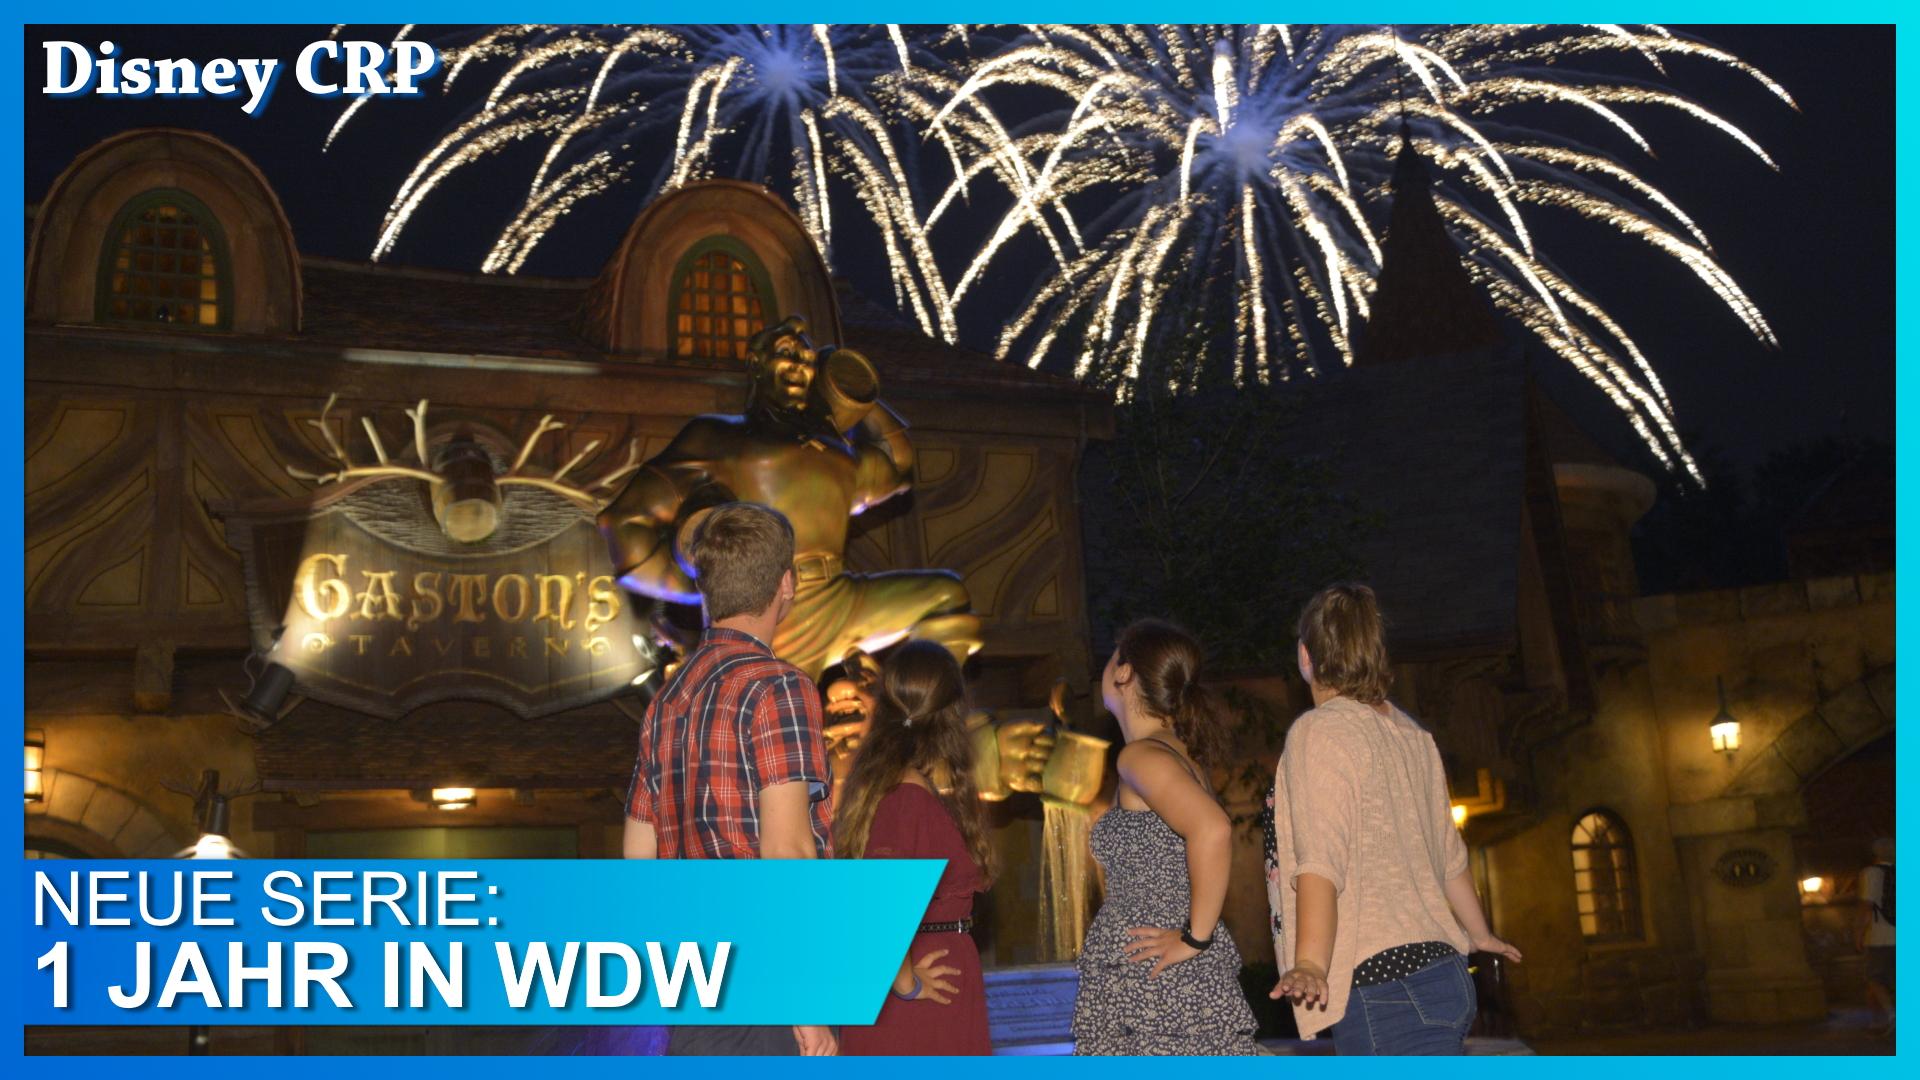 Feuerwerk über dem Magic Kingdom